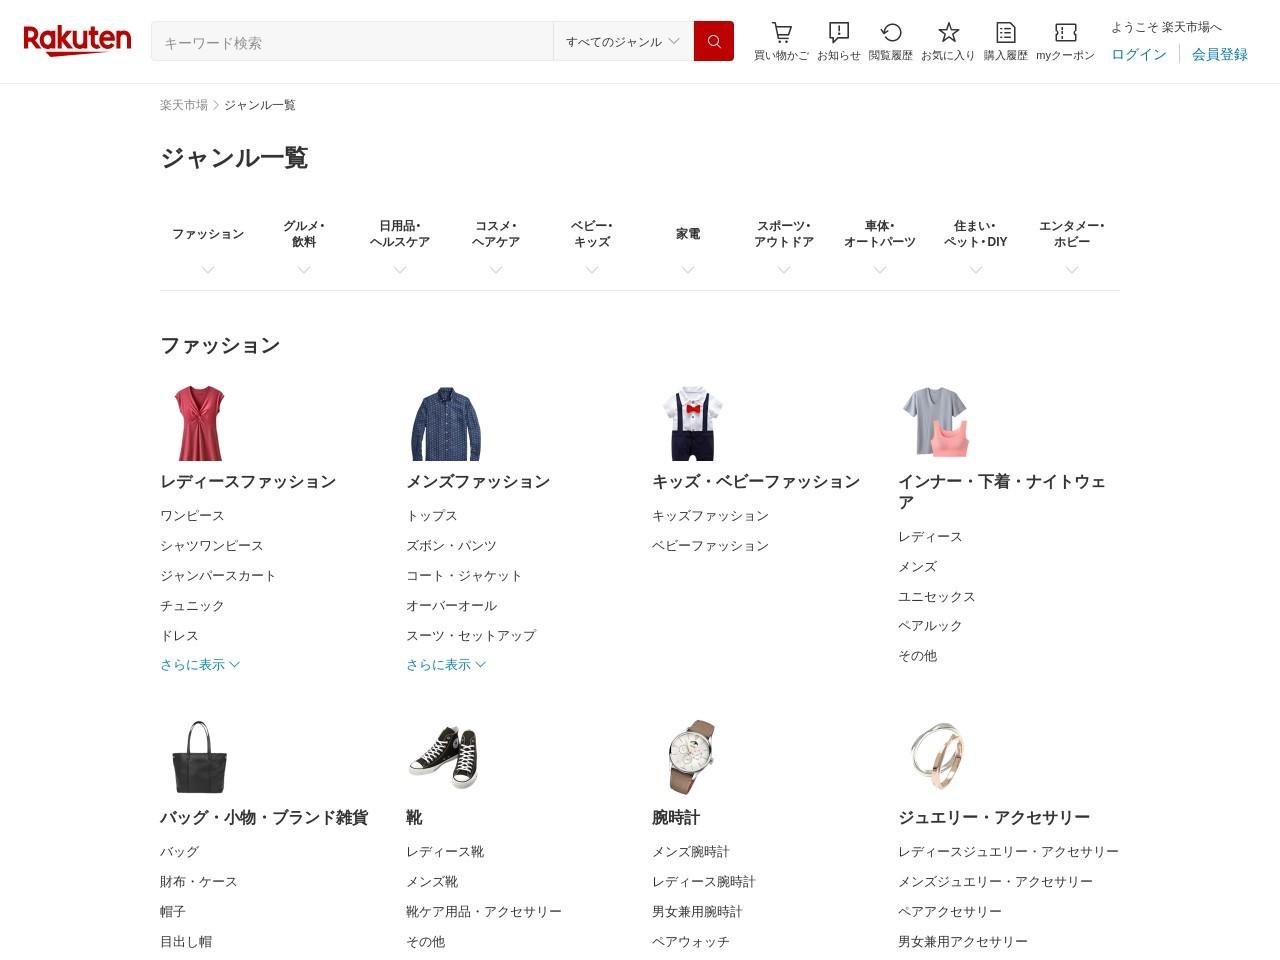 【自動投稿】 【楽天市場】コタ kシャンプーセットの通販